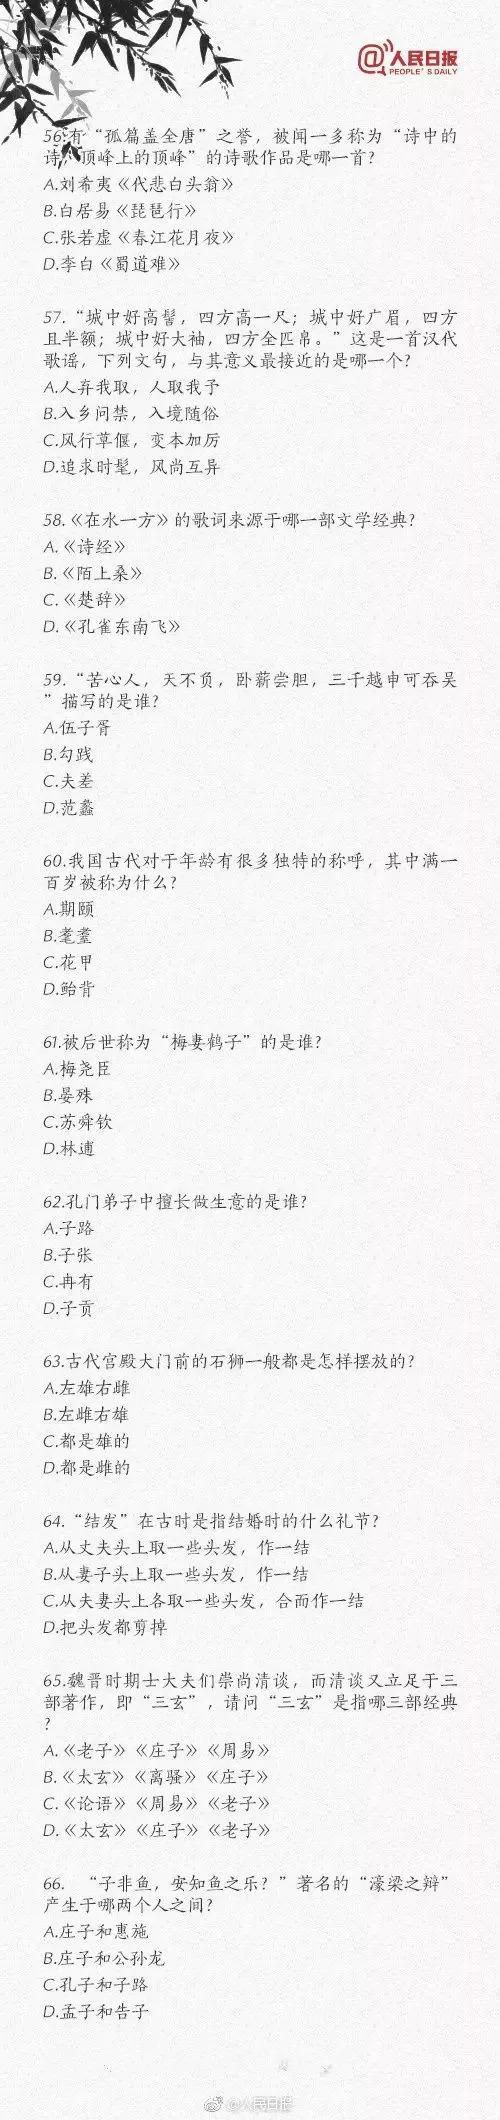 必赢娱乐官方网站 6